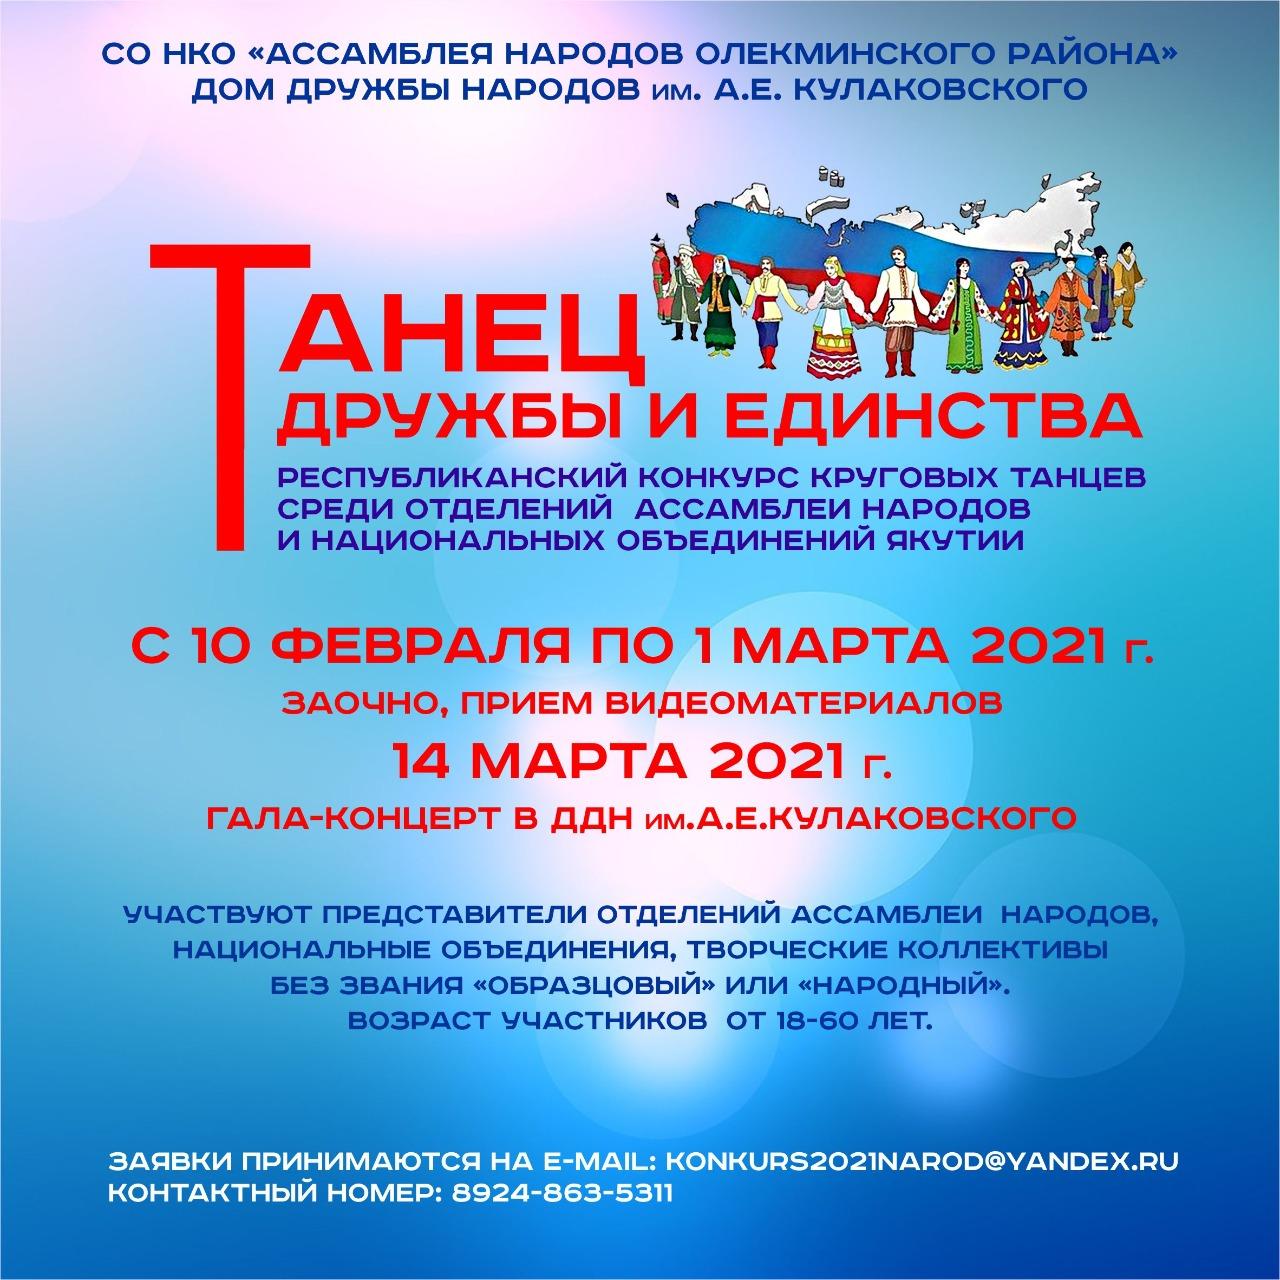 Республиканский конкурс «Танец дружбы и единства»